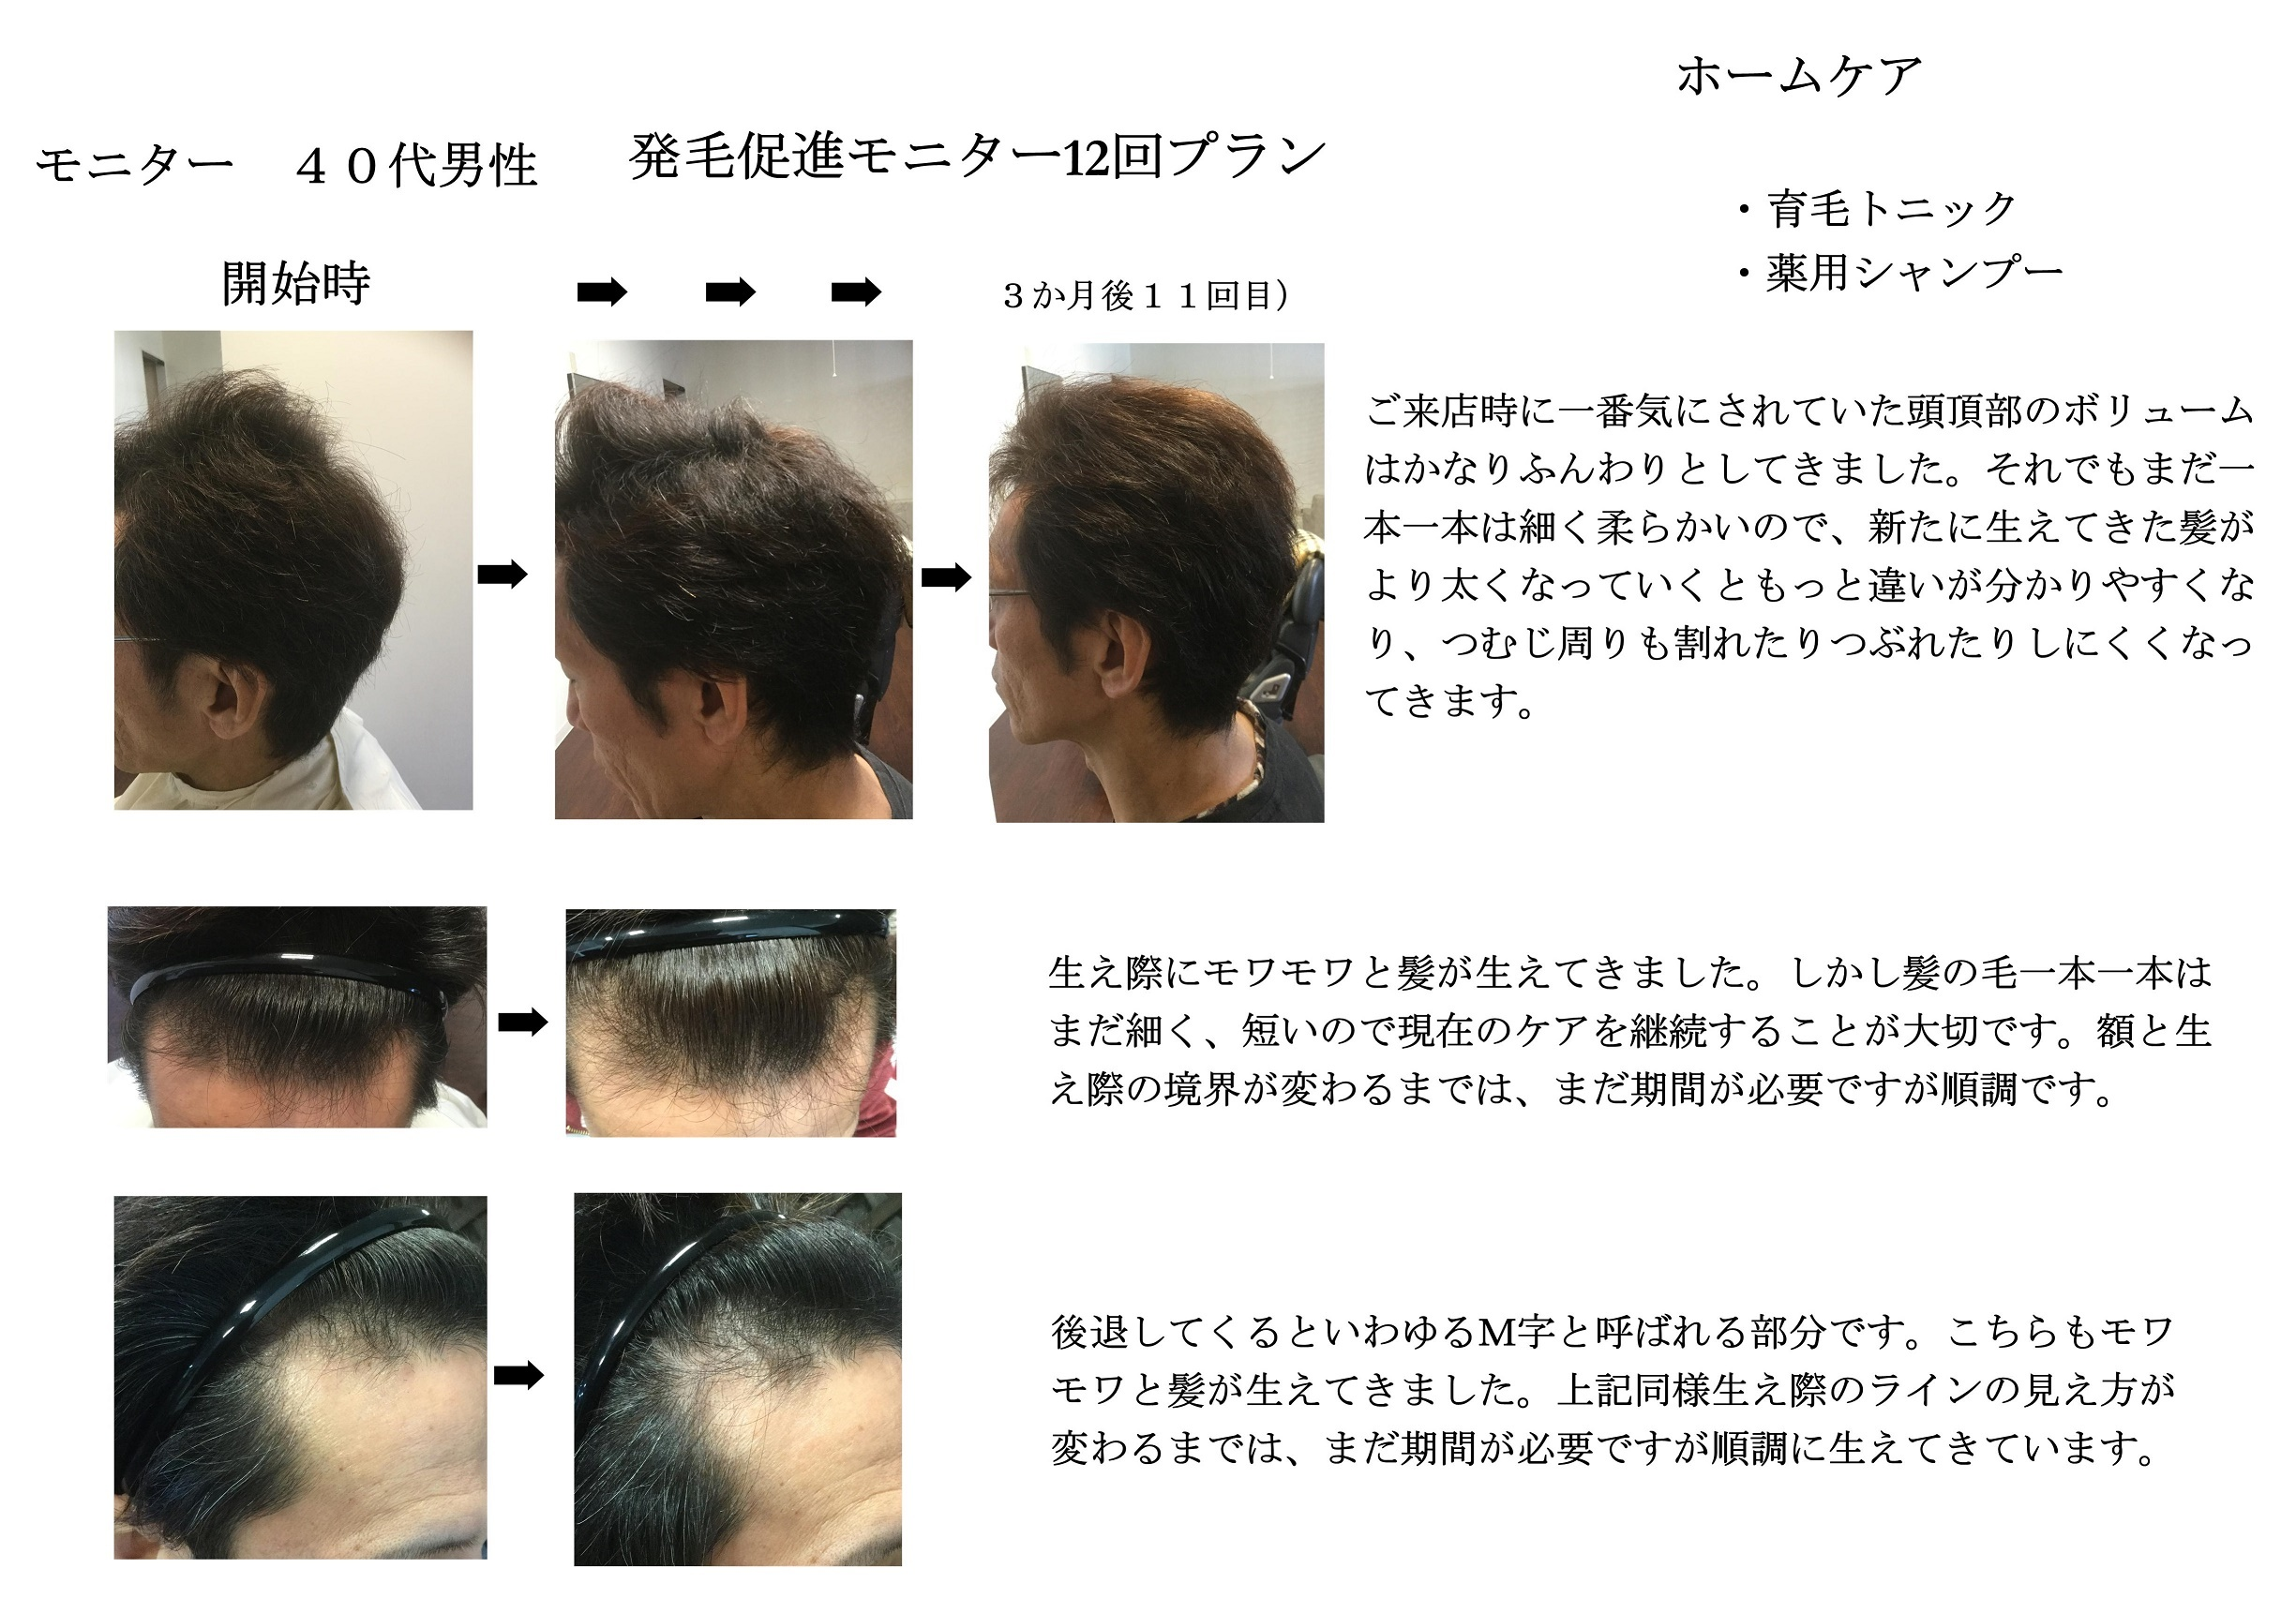 【発毛促進】スカルプモニター 40代男性